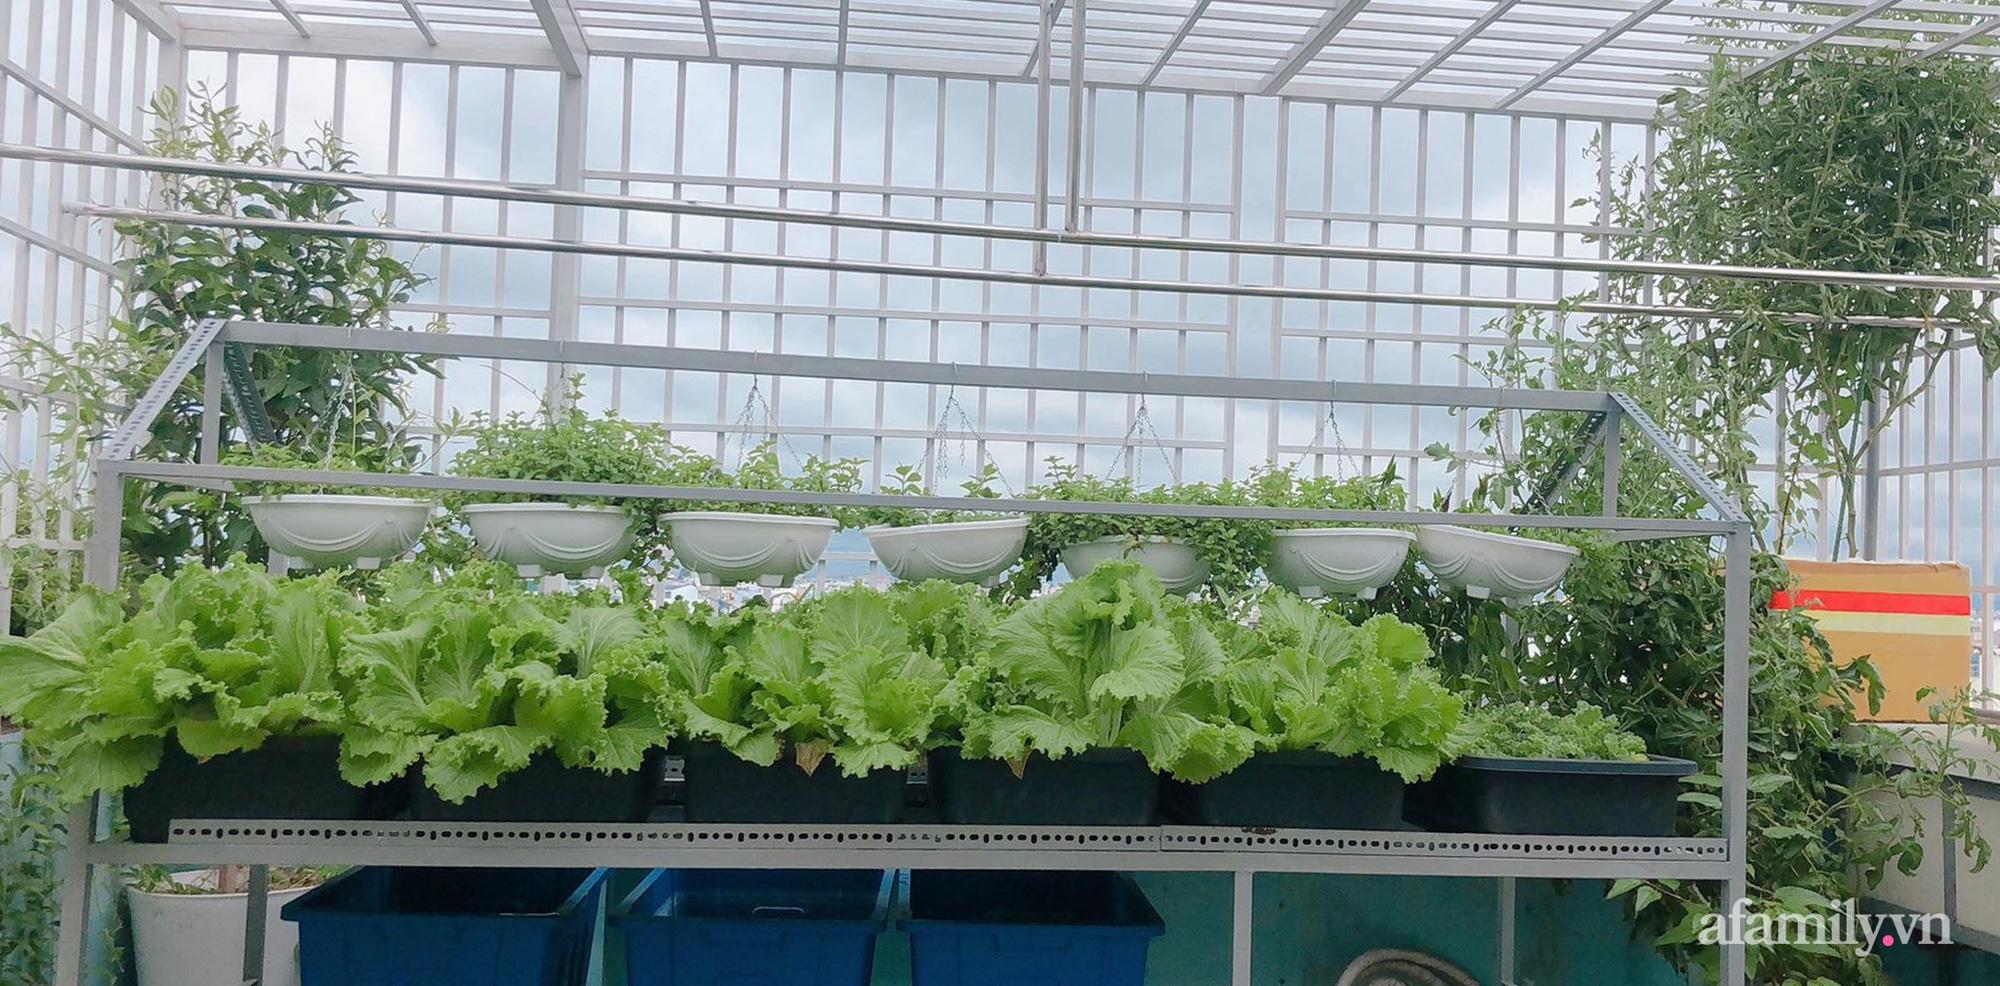 """Trước giãn cách 20 ngày, mẹ đảm Sài Gòn """"nhanh tay"""" trồng đủ loại rau tới giờ """"um tùm"""" ăn thoải mái lại tiết kiệm tiền - Ảnh 3."""